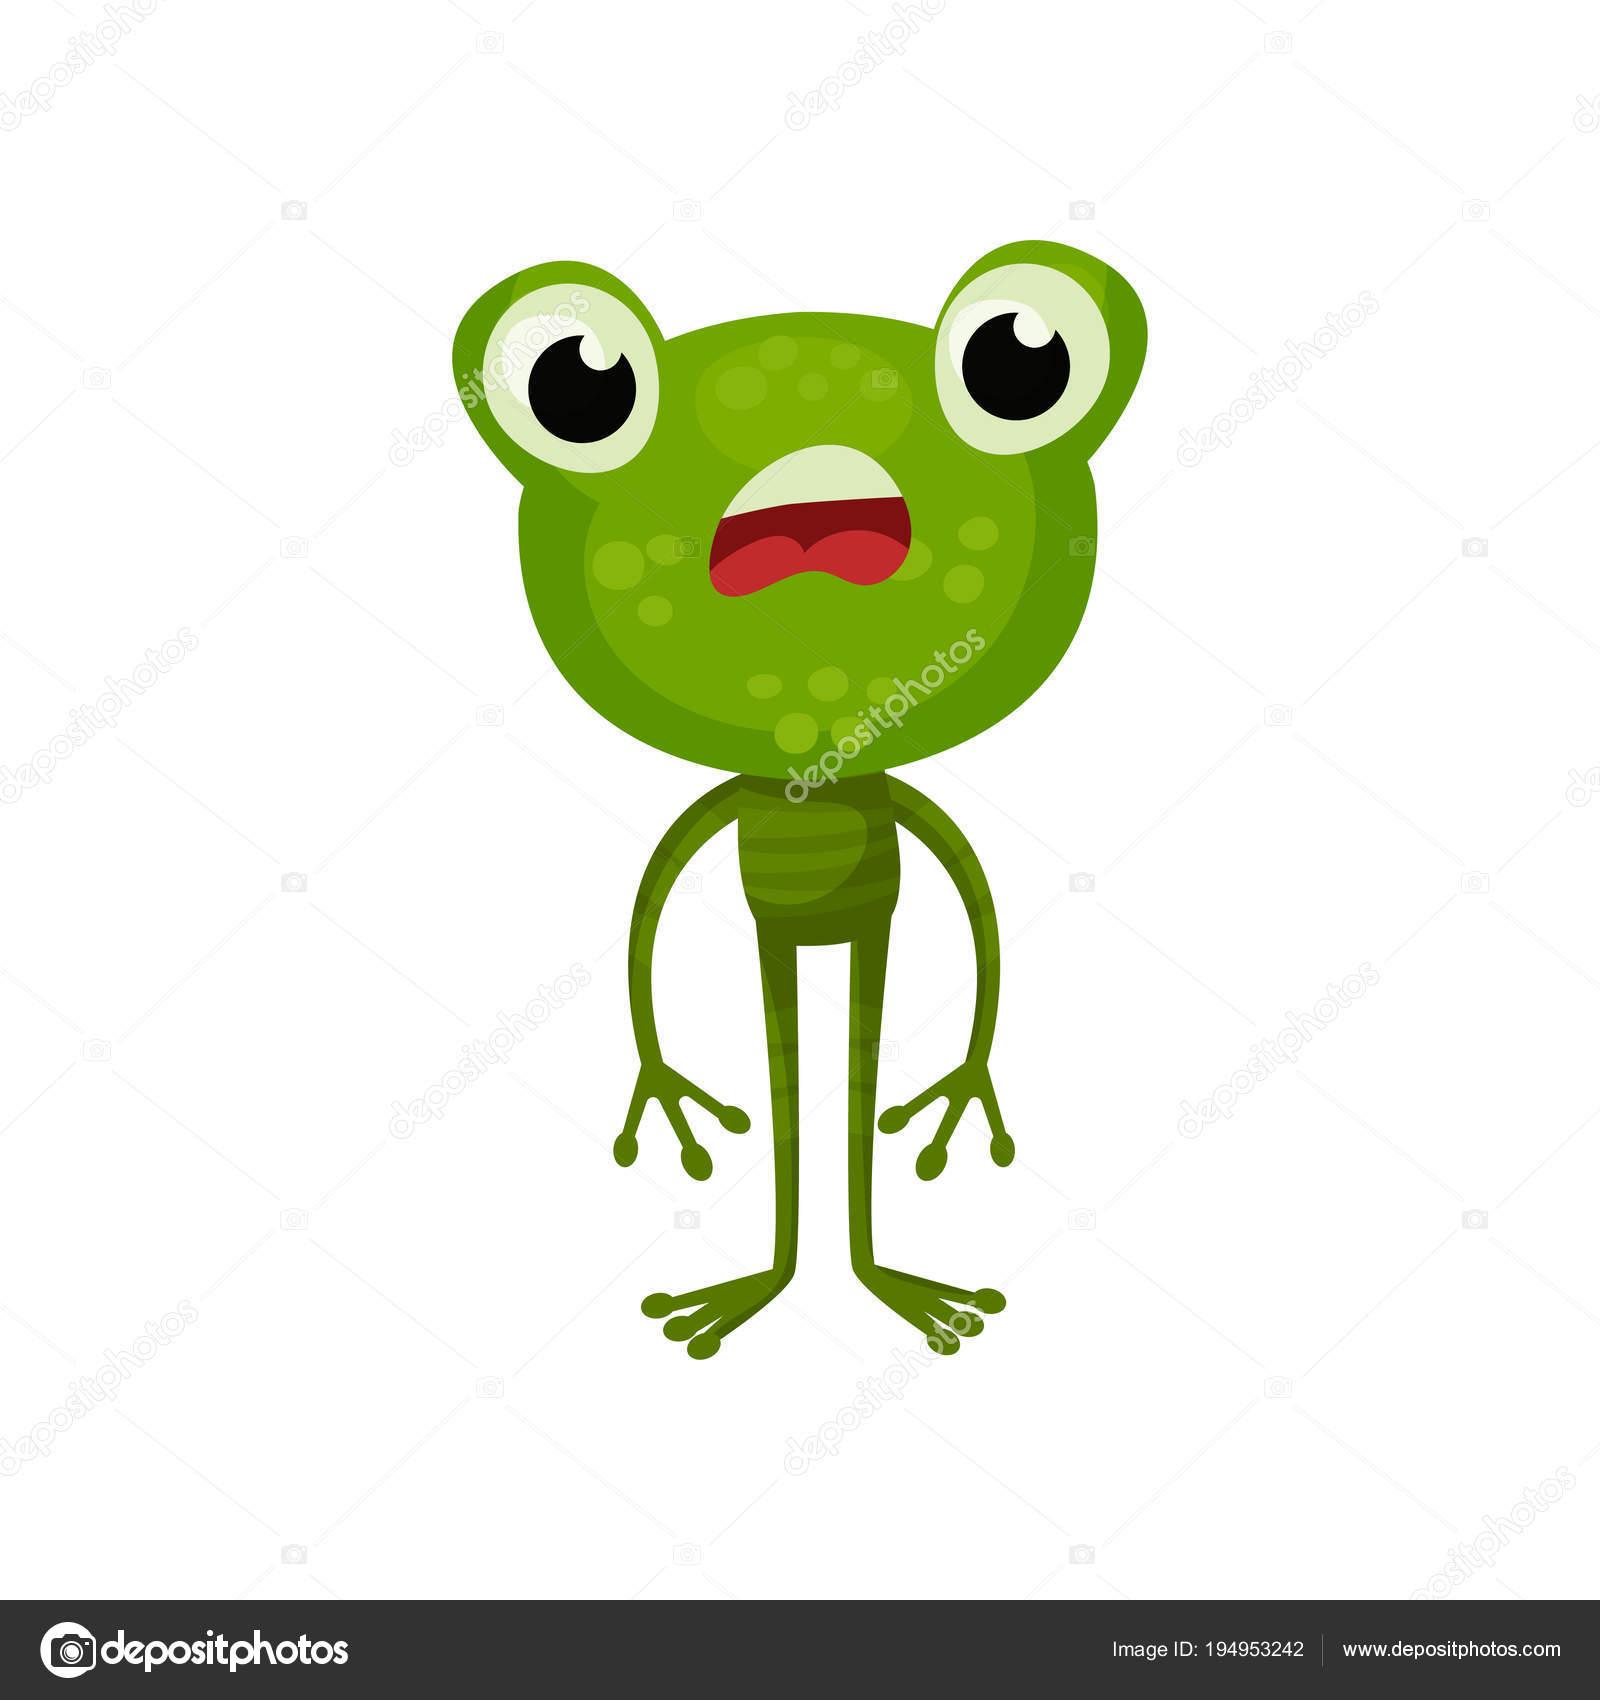 personagem de desenho animado de sapo com expressão de rosto chocado